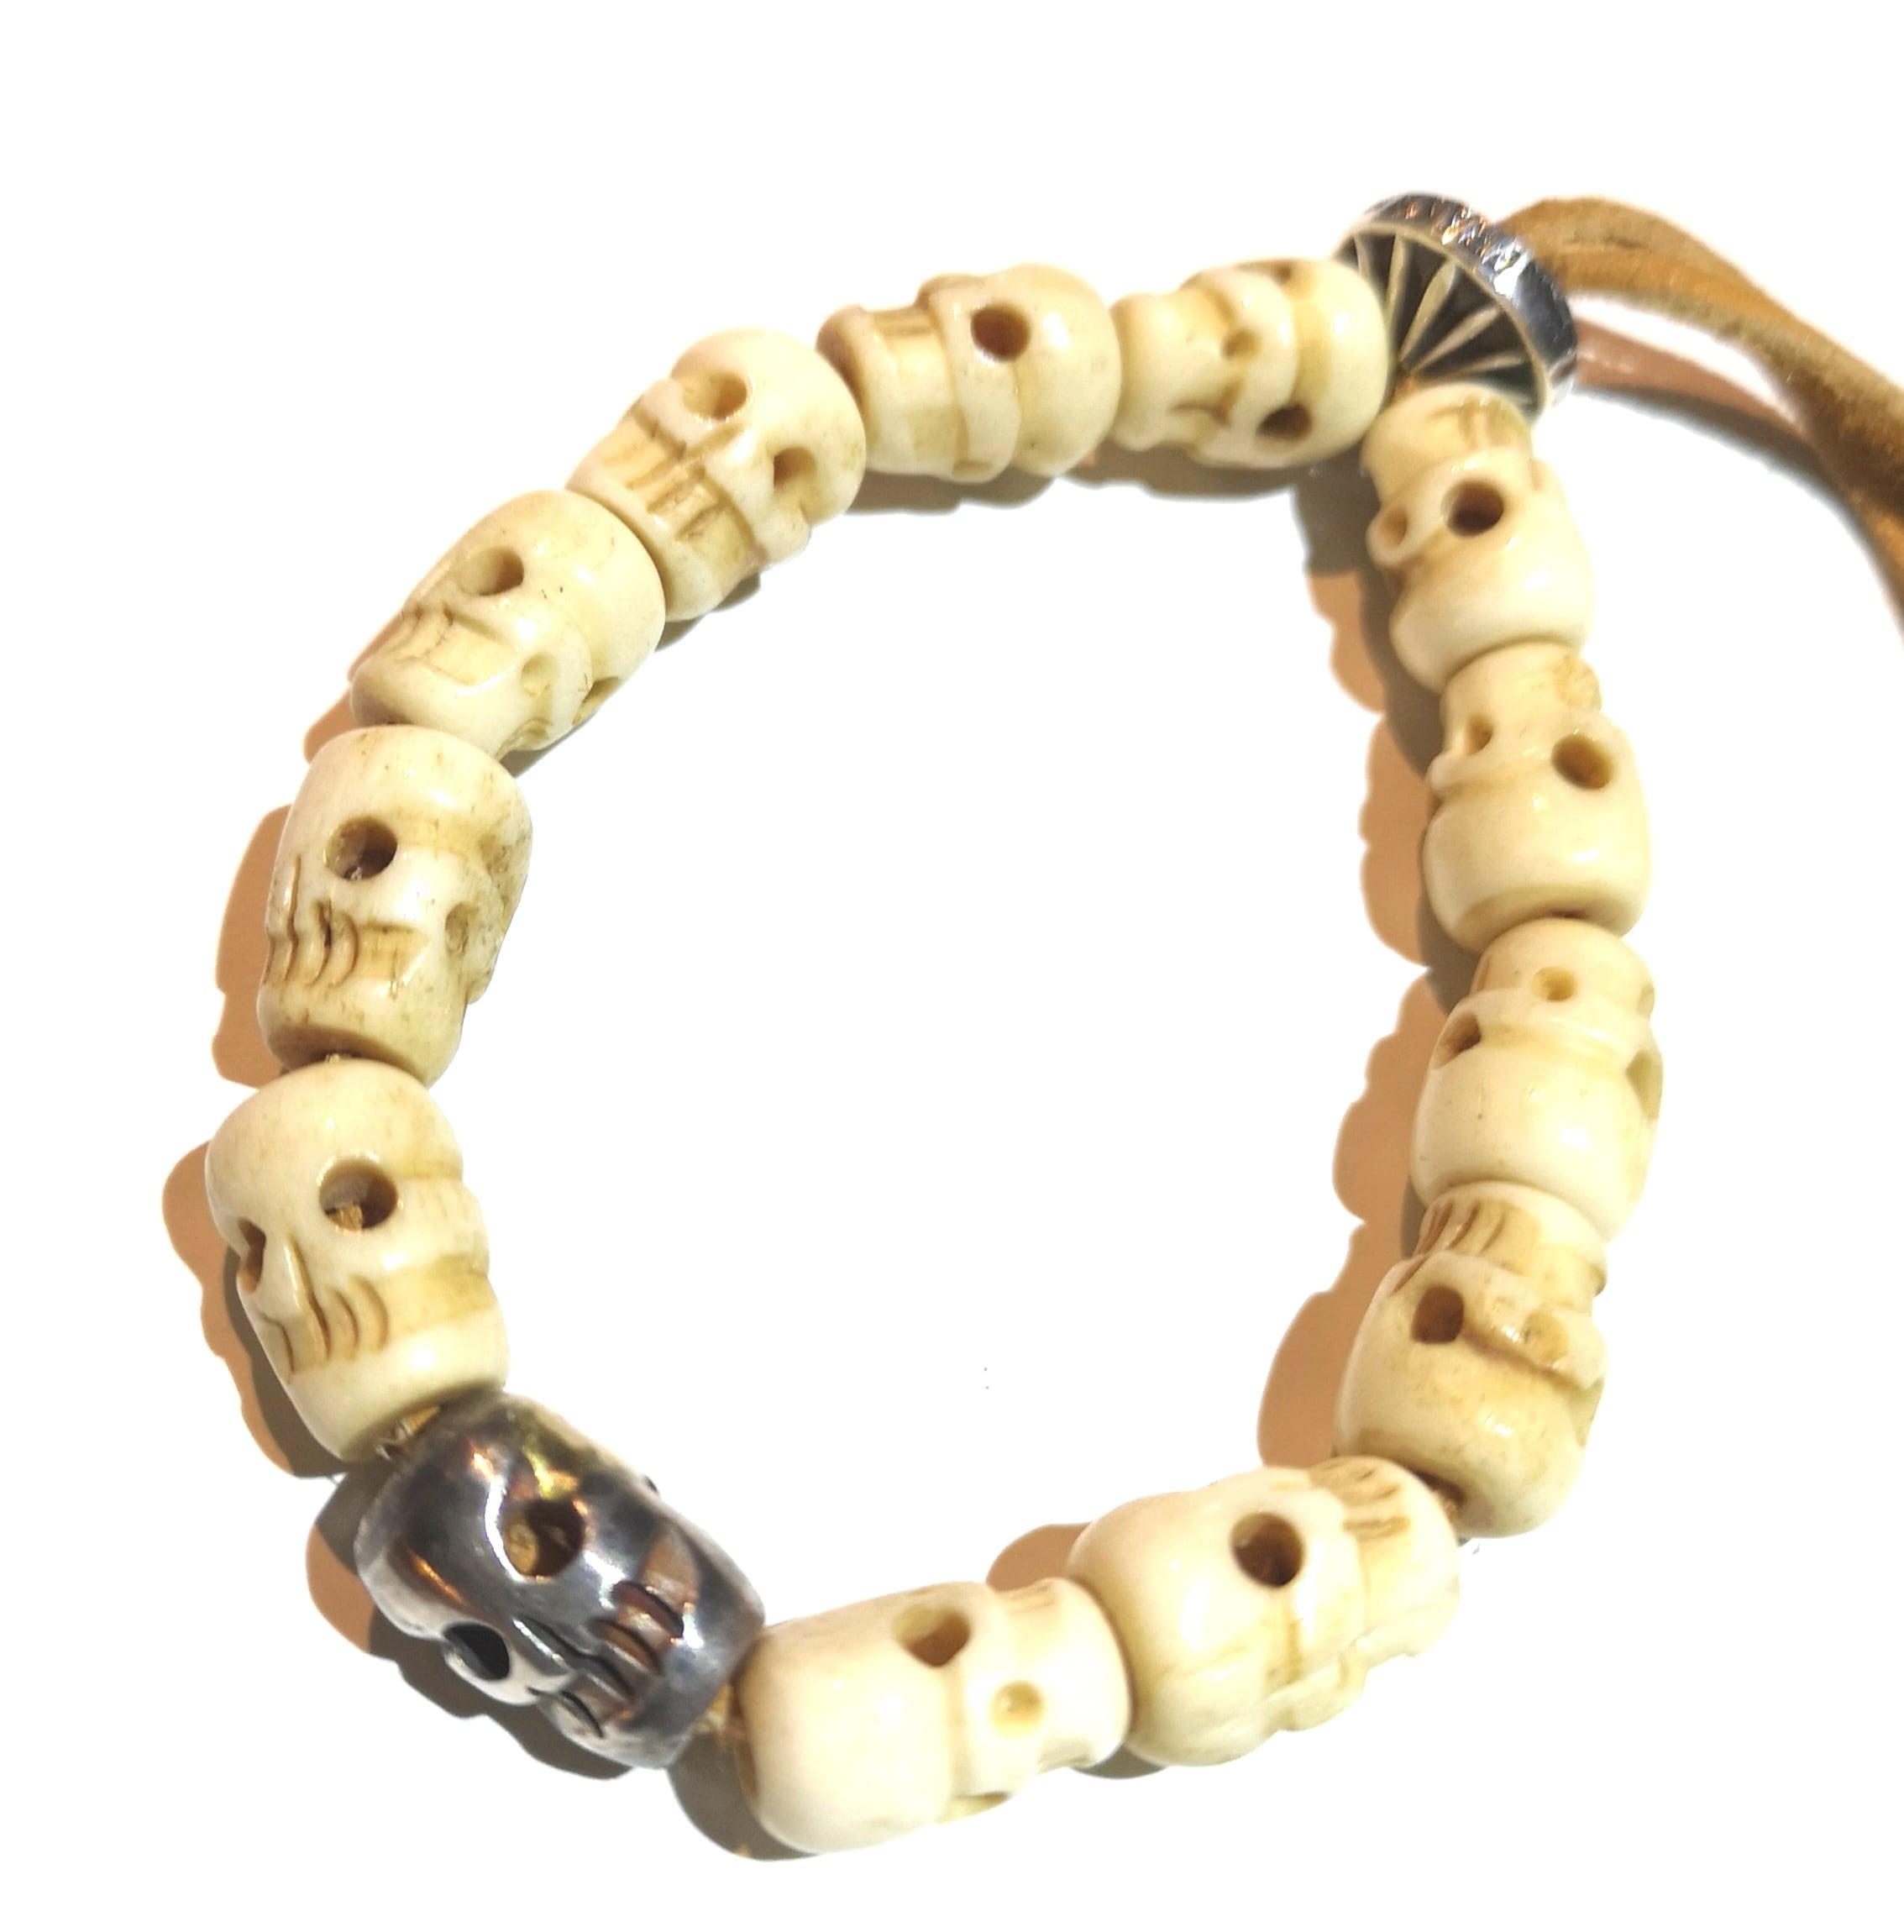 Tibetan Skull Beads and Silver Bracelet Ver.2